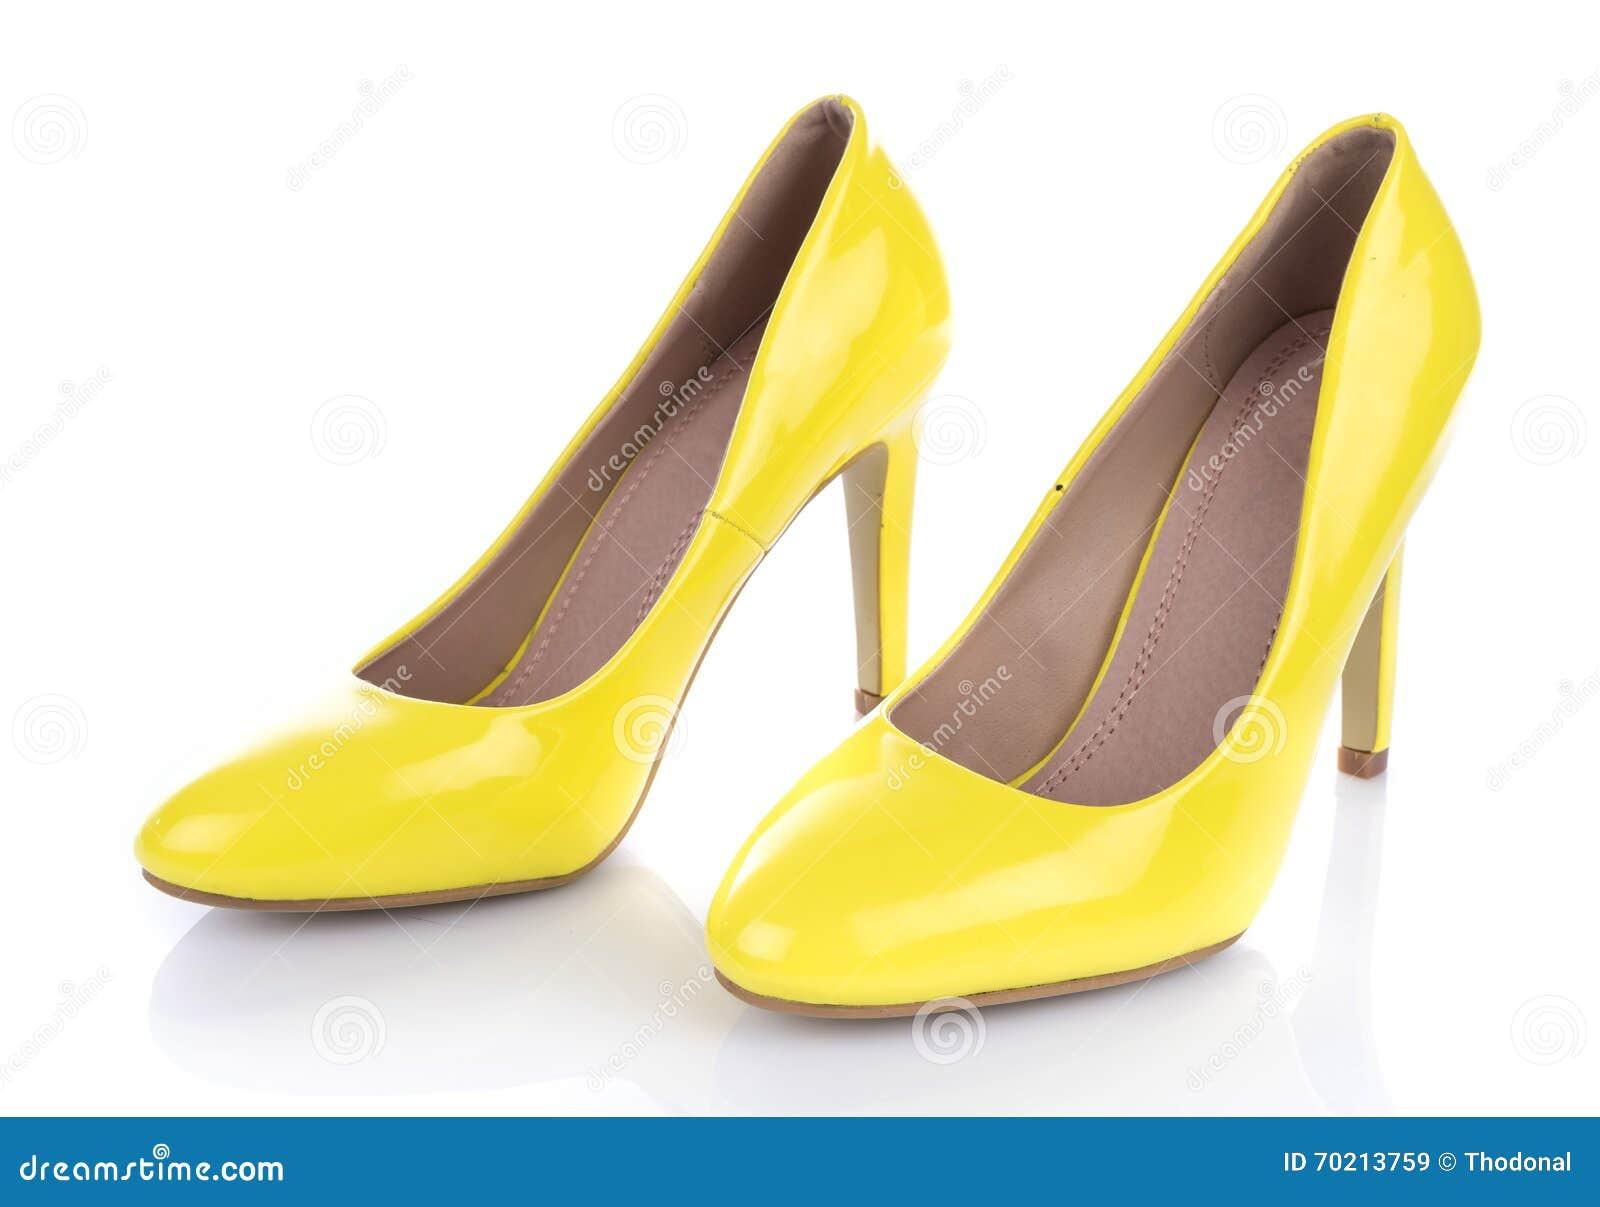 low priced 4fab1 c1fbd Gelbe Schuhe Der Hohen Absätze Stockbild - Bild von paar ...